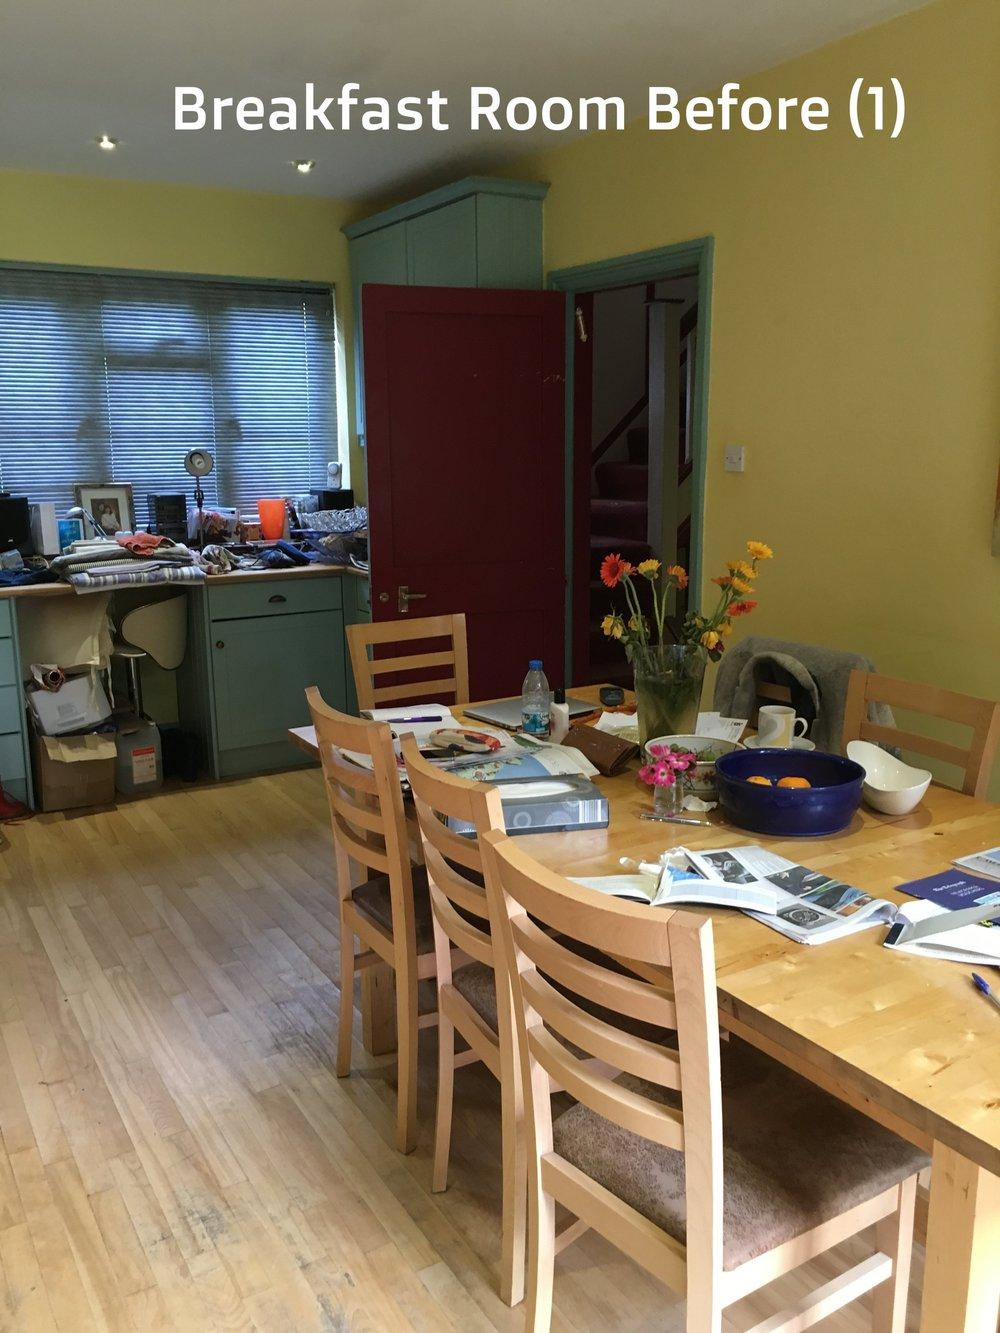 Breakfast Room Before (1).jpg